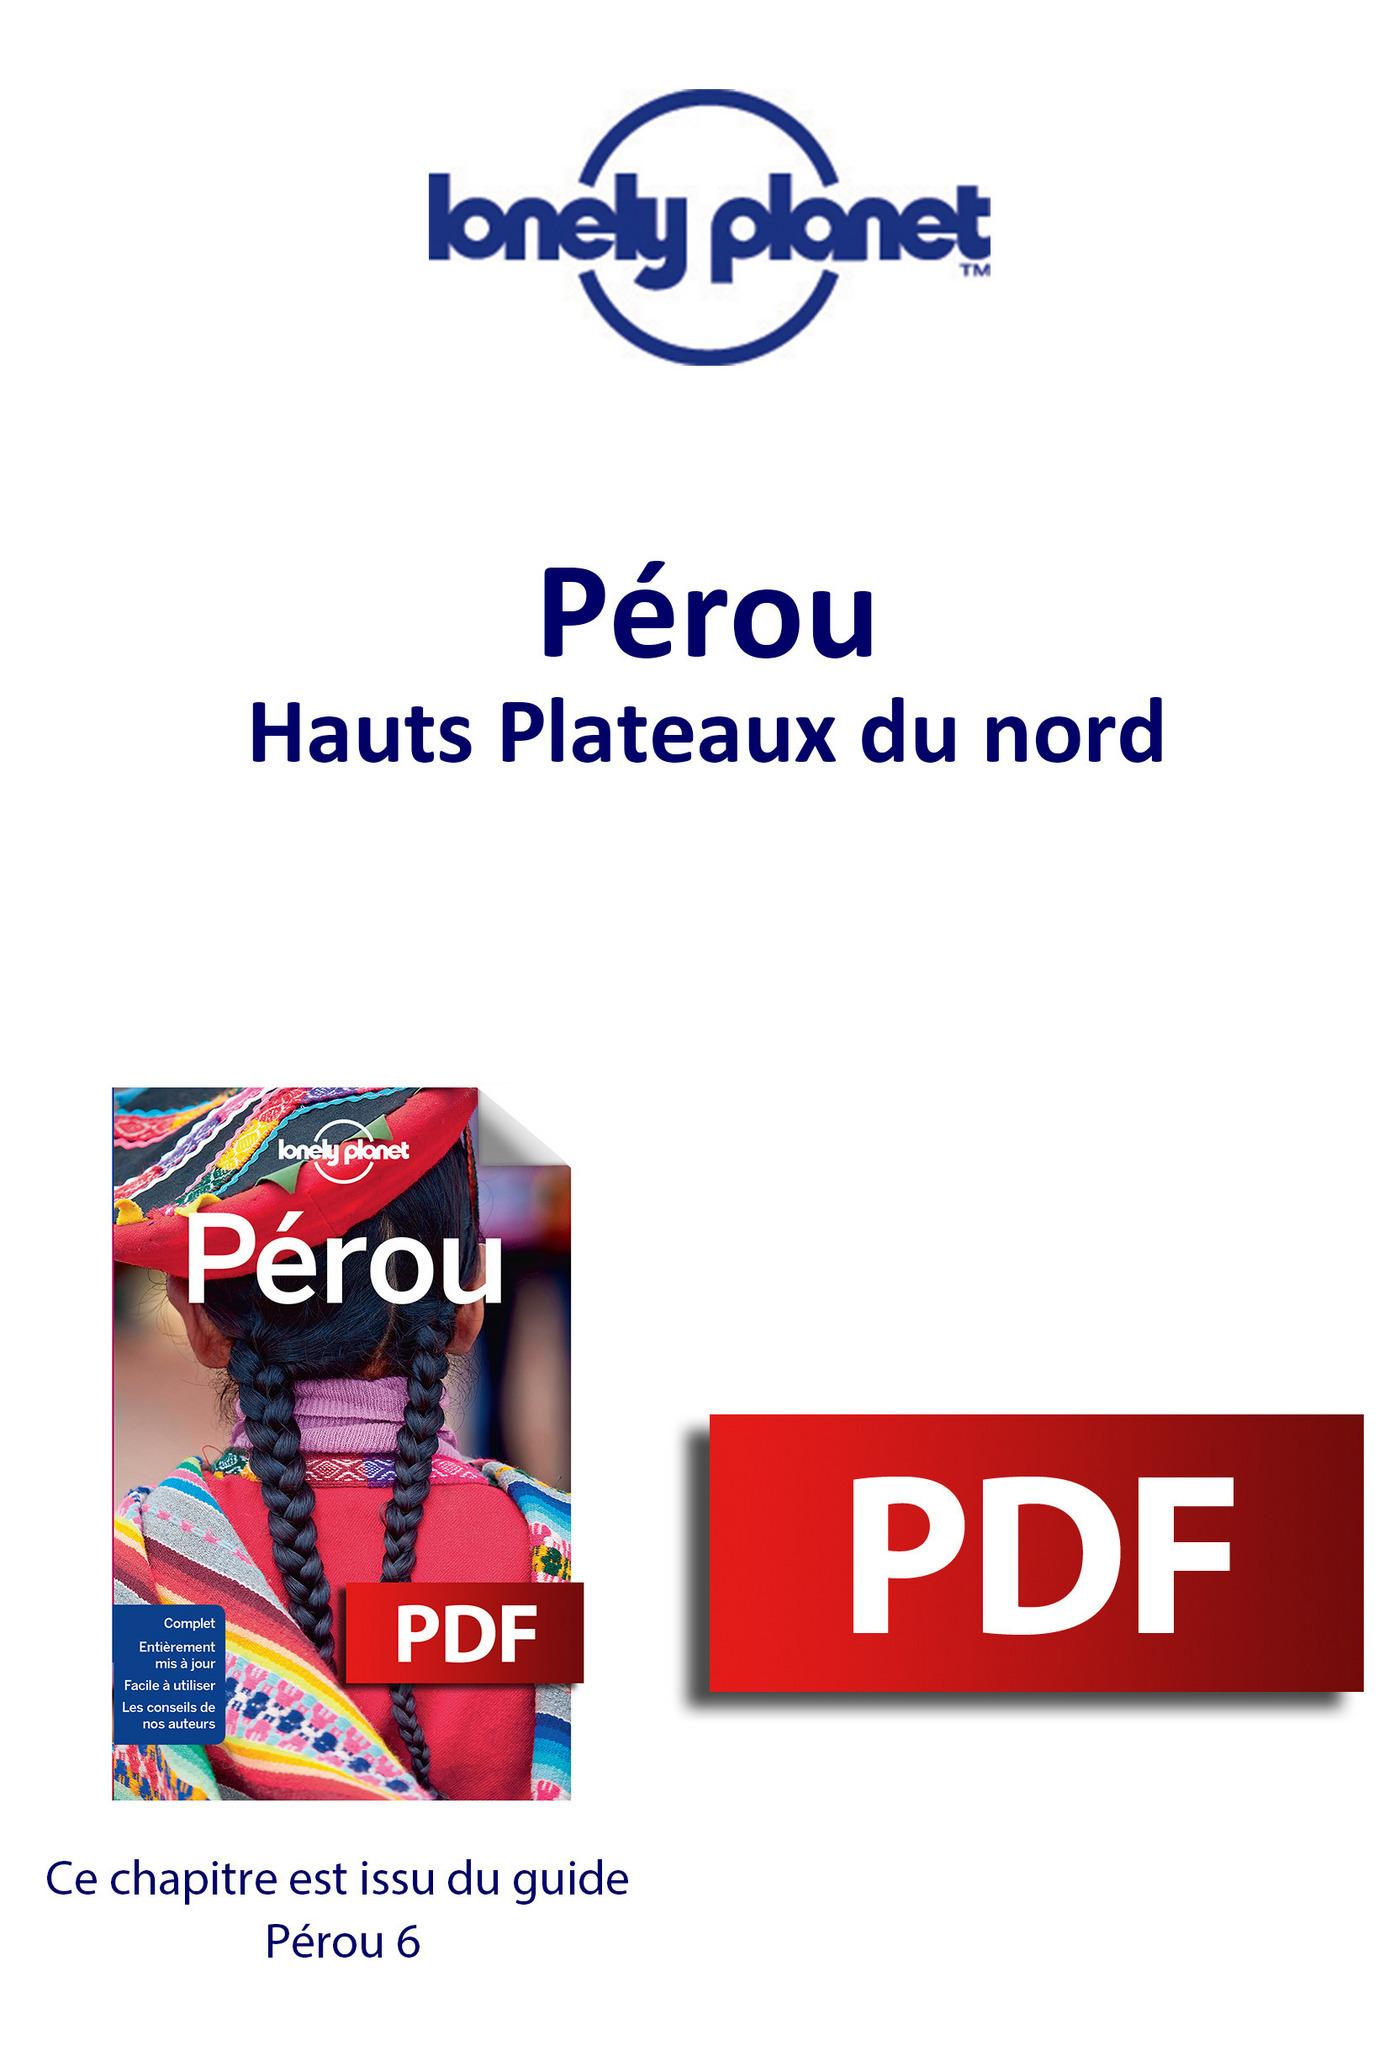 Pérou - Hauts Plateaux du nord